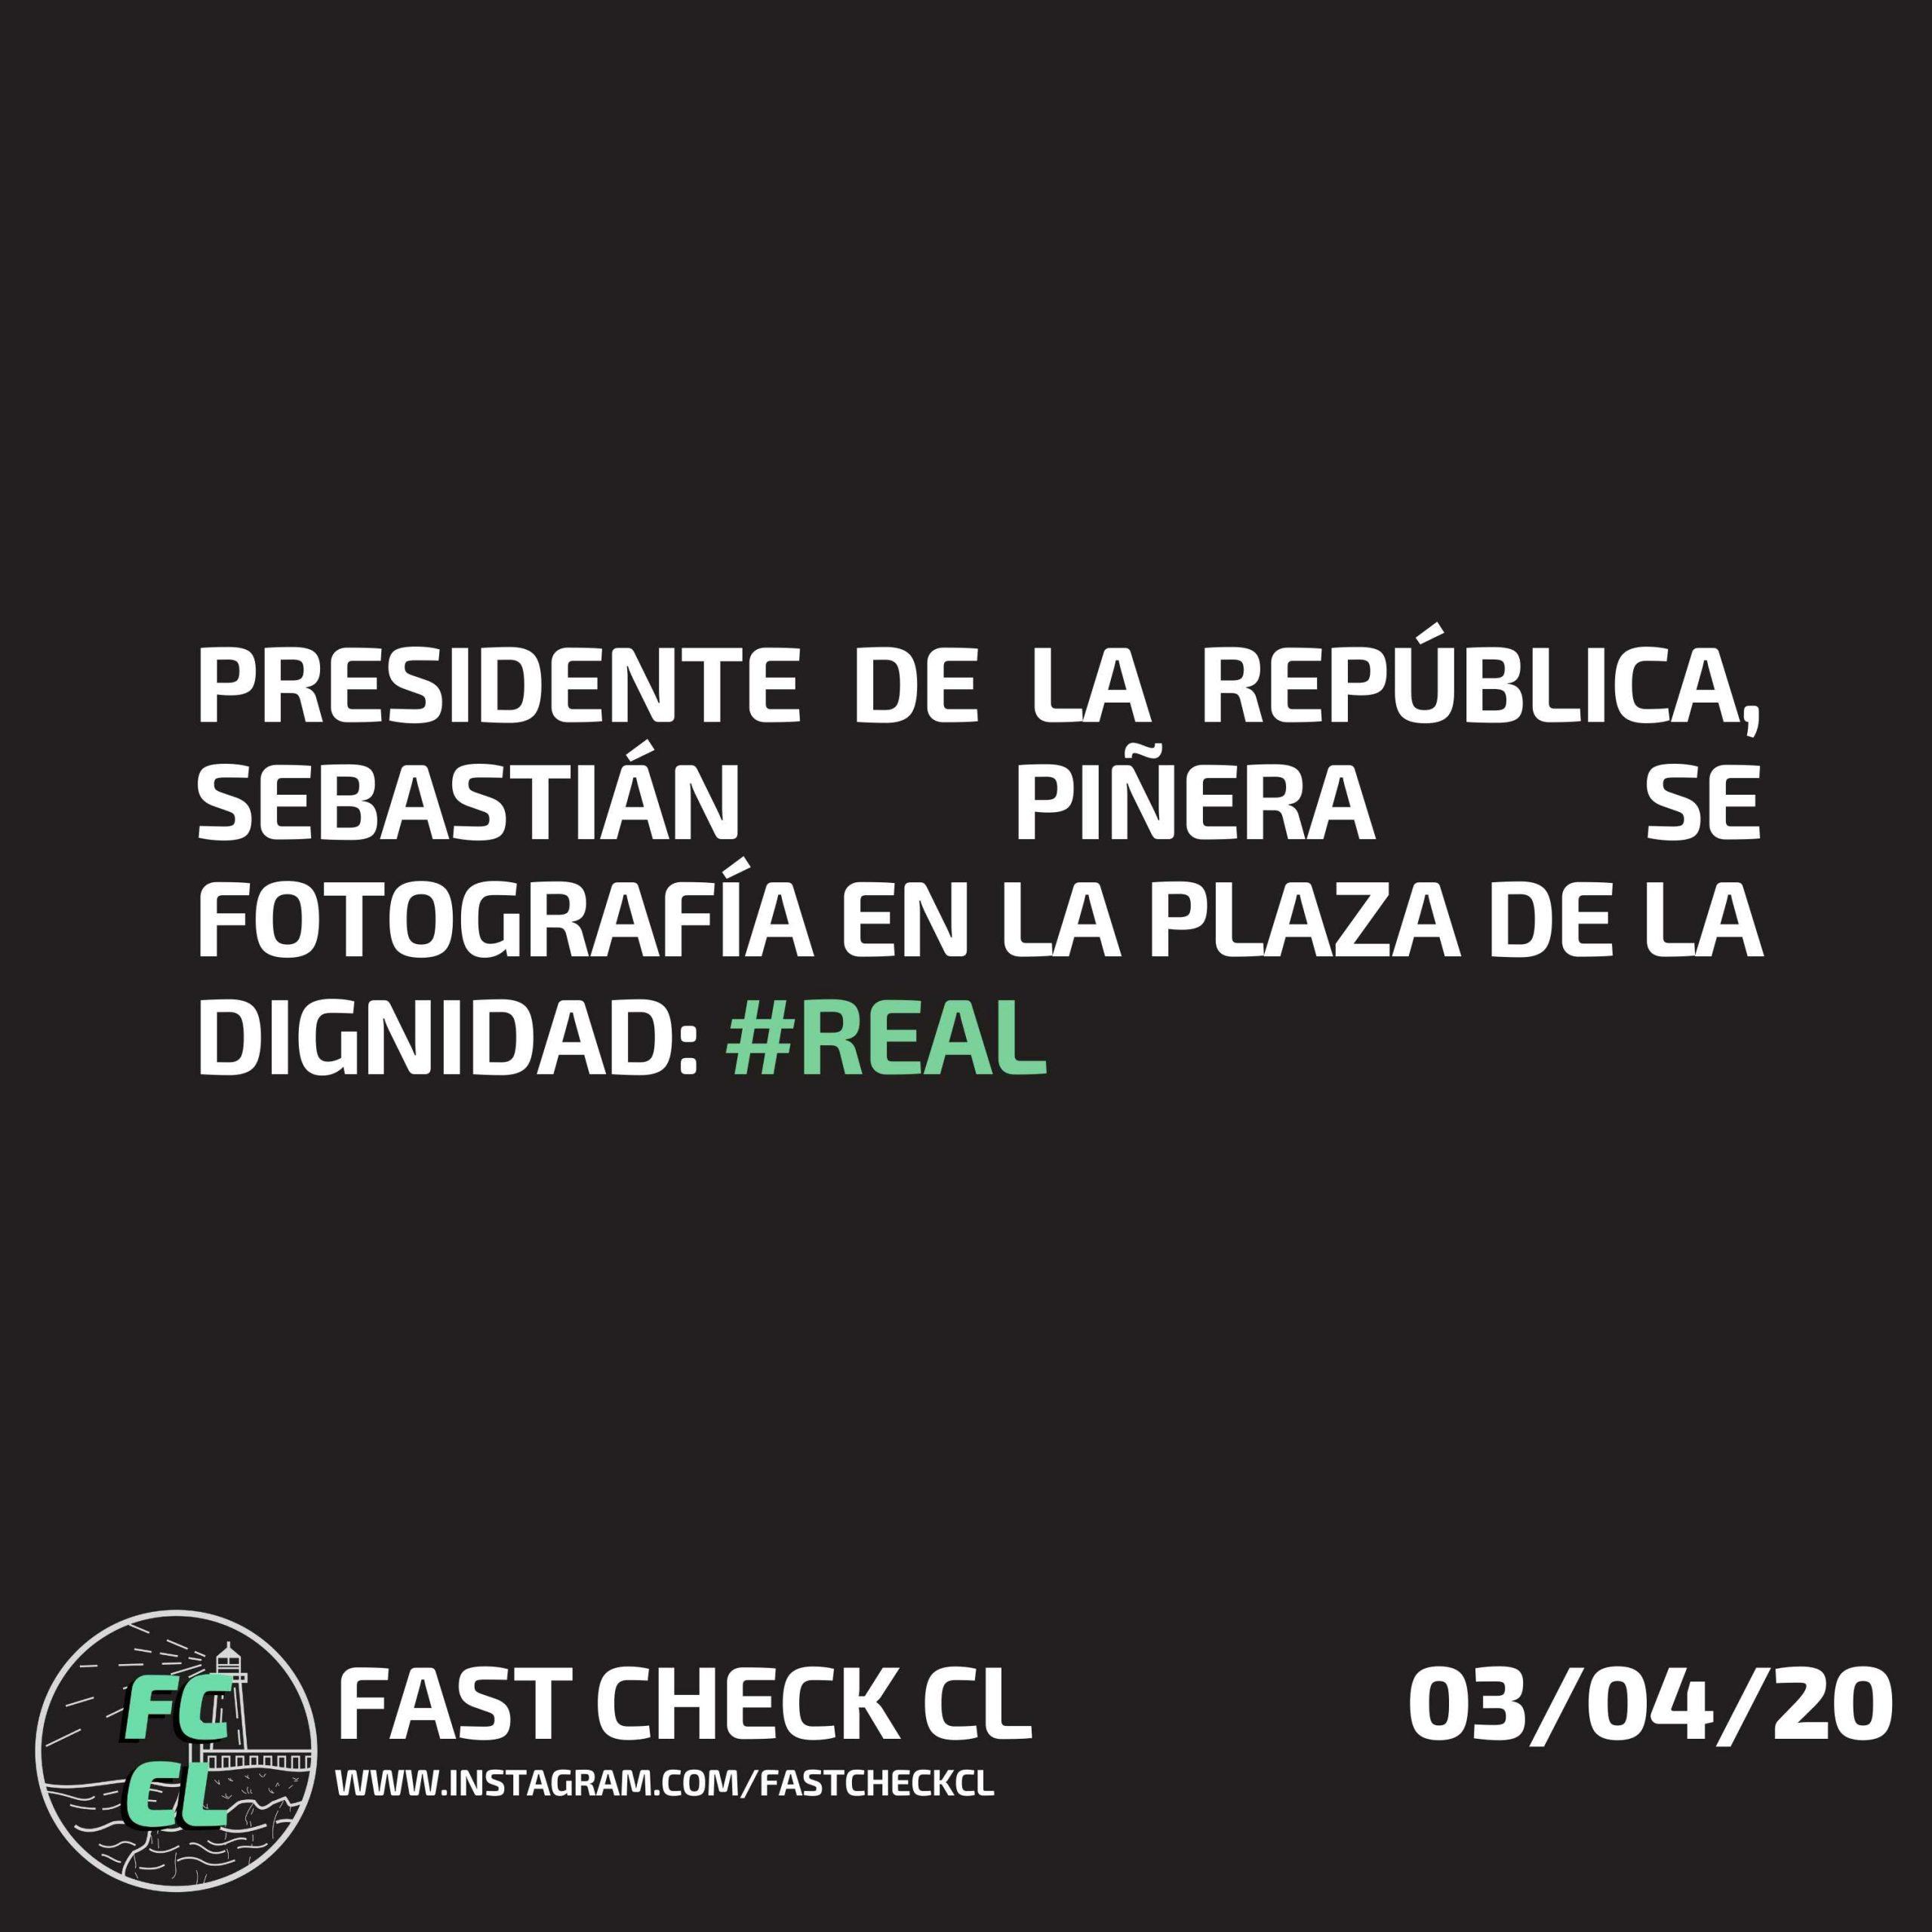 Presidente de la República, Sebastián Piñera se fotografía en la Plaza de la Dignidad: #Real